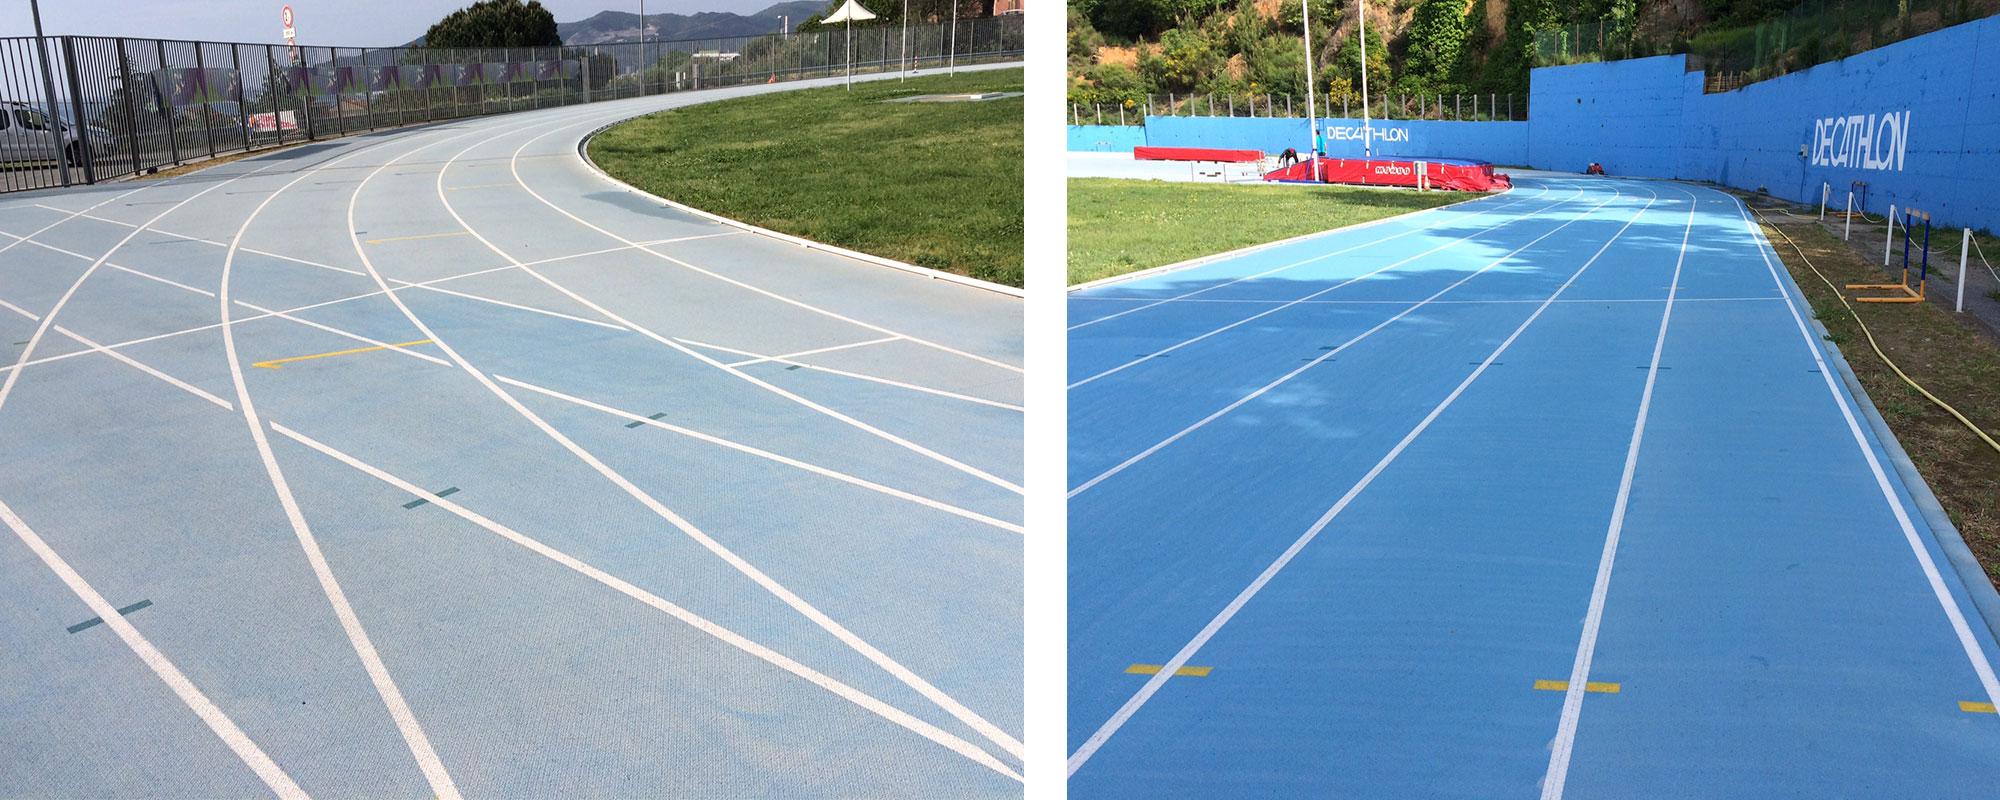 La pista di atletica di Fontanassa  prima e dopo la pulizia in occasione  del VII Meeting Città di Savona  (2018).